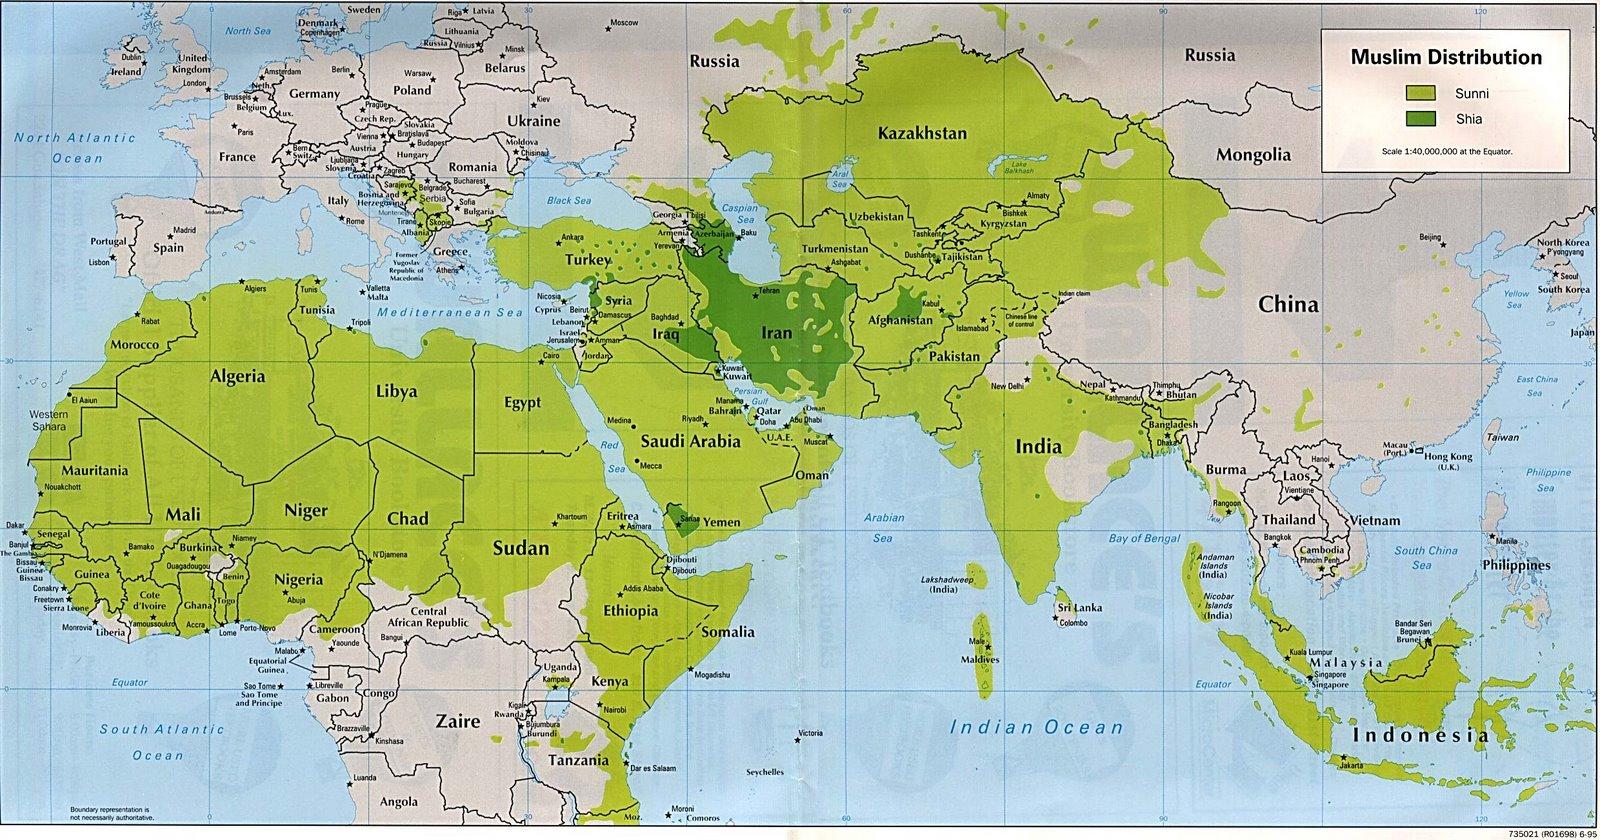 Warna hijau menunjukan negara umat islam di dunia ini